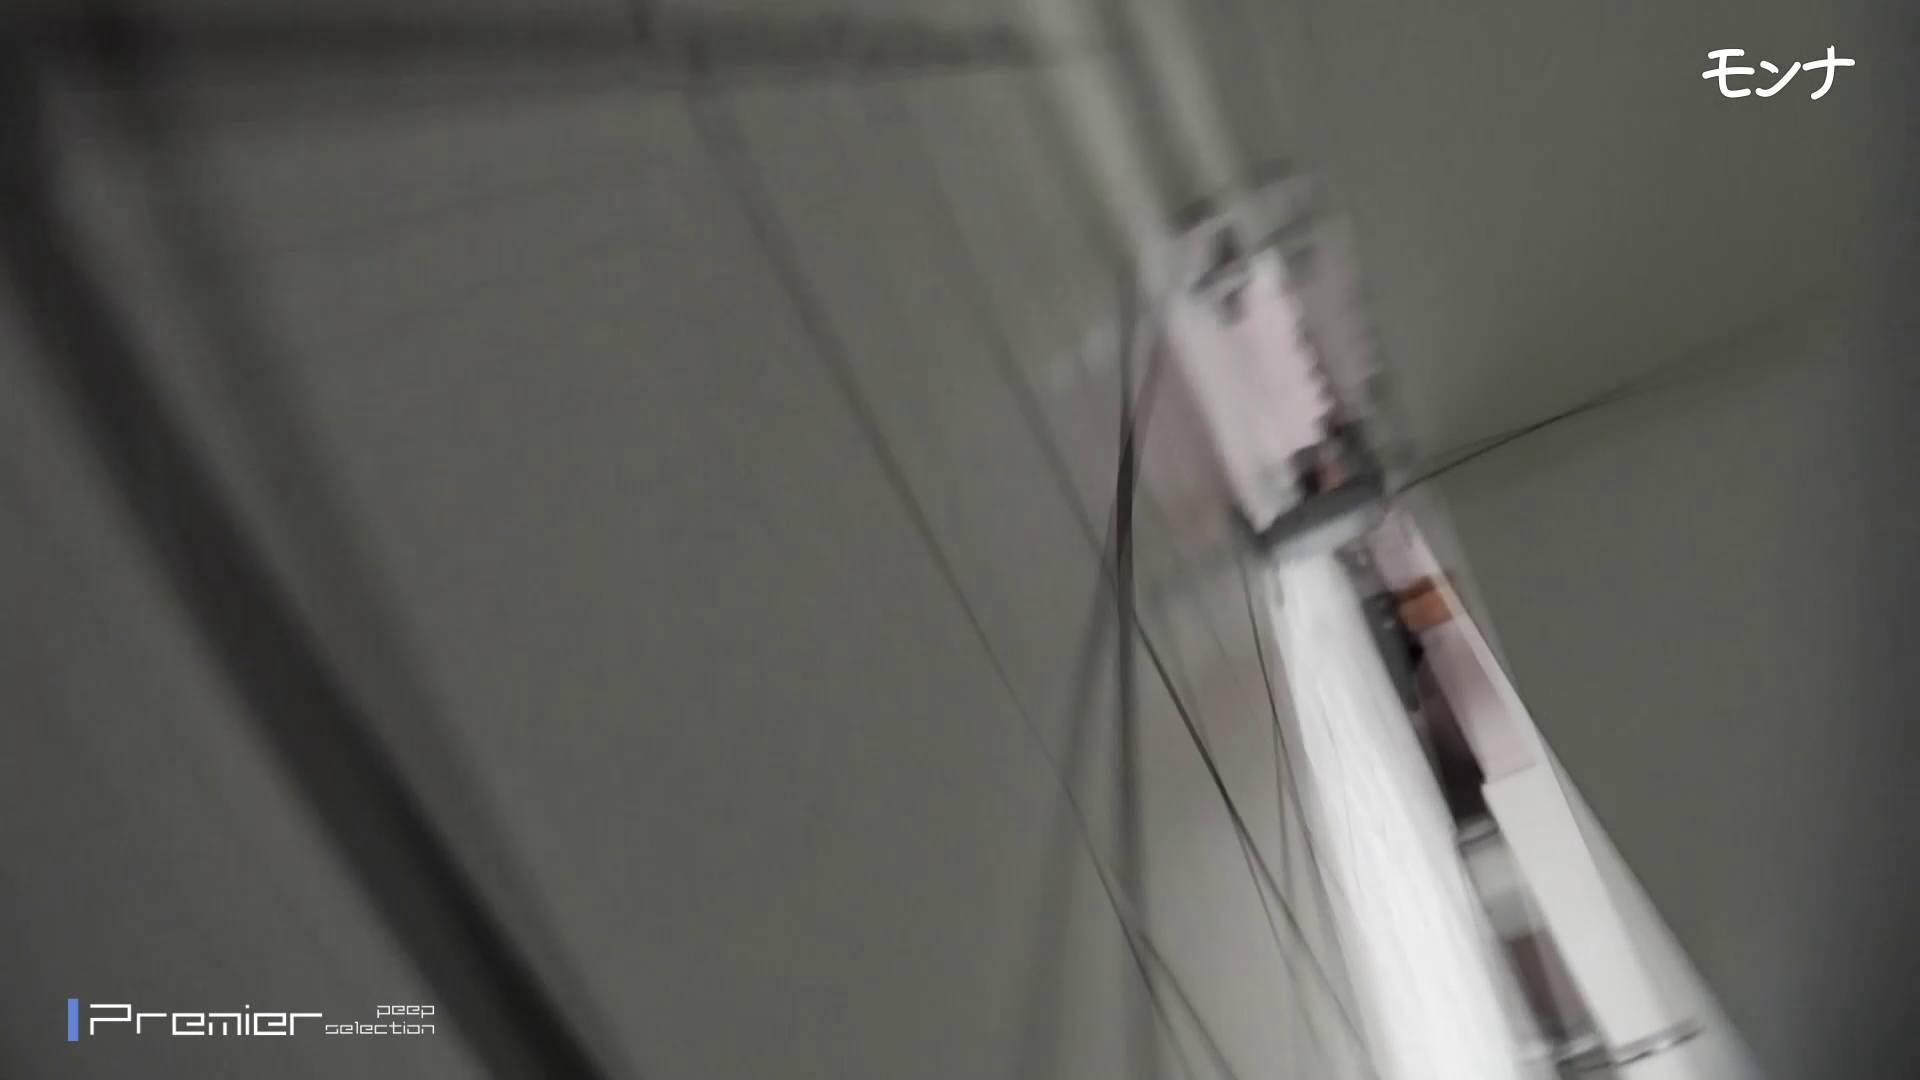 美しい日本の未来 No.77 聖職者のような清楚さを持ち合わせながら… ギャル達 ぱこり動画紹介 88枚 14